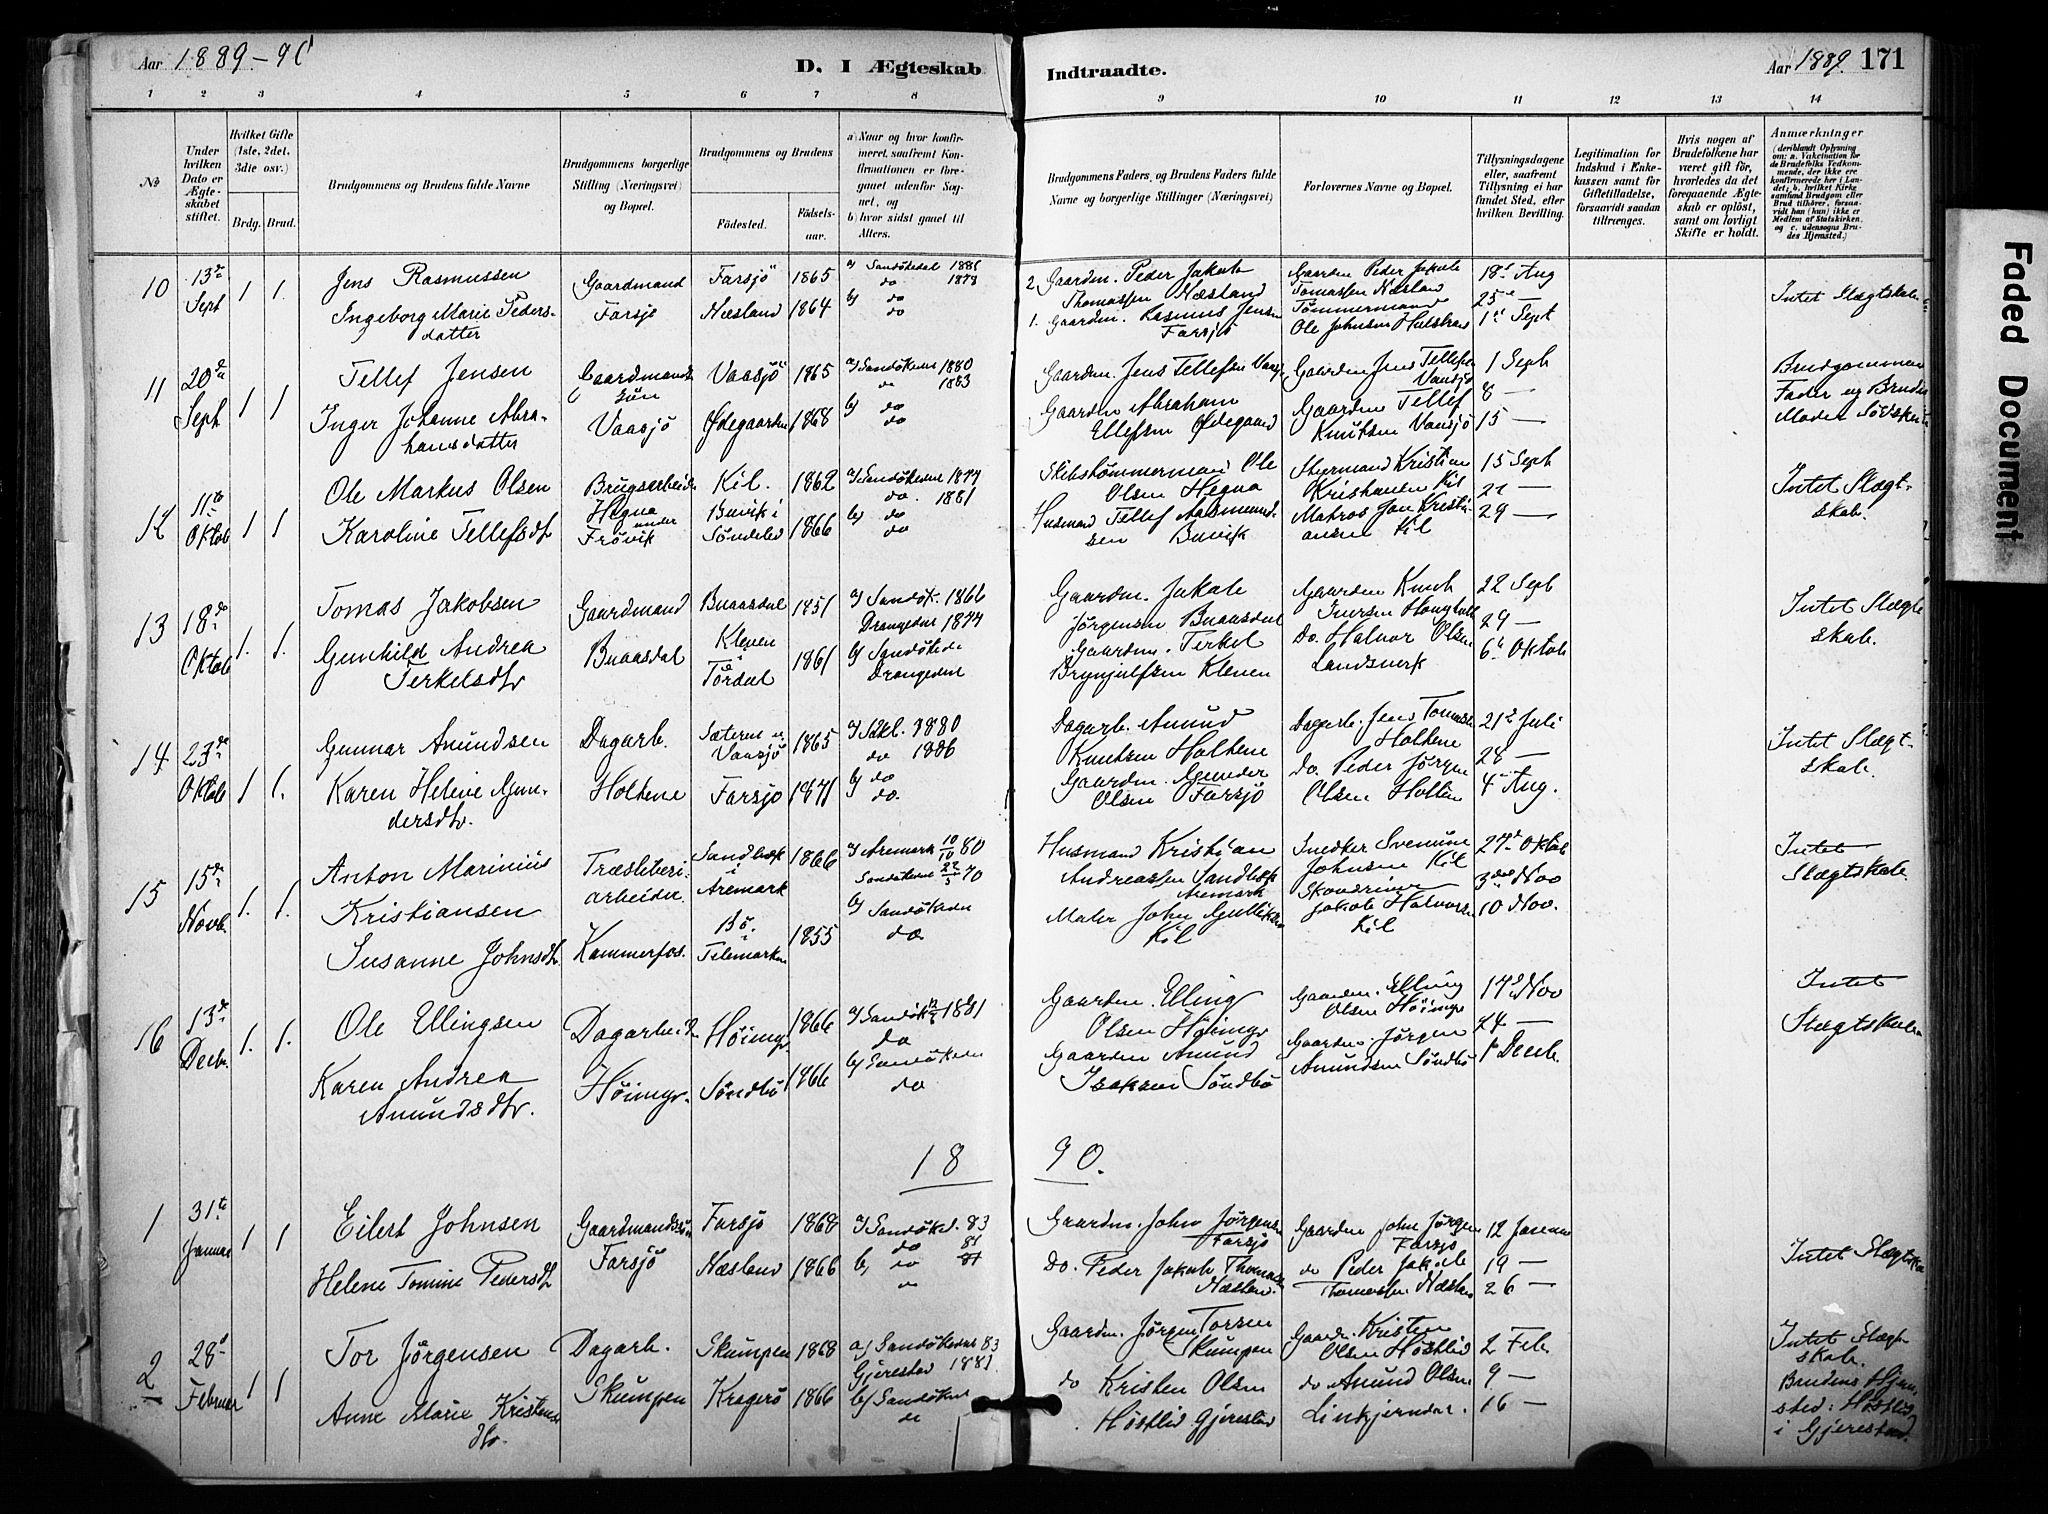 SAKO, Sannidal kirkebøker, F/Fa/L0015: Ministerialbok nr. 15, 1884-1899, s. 171